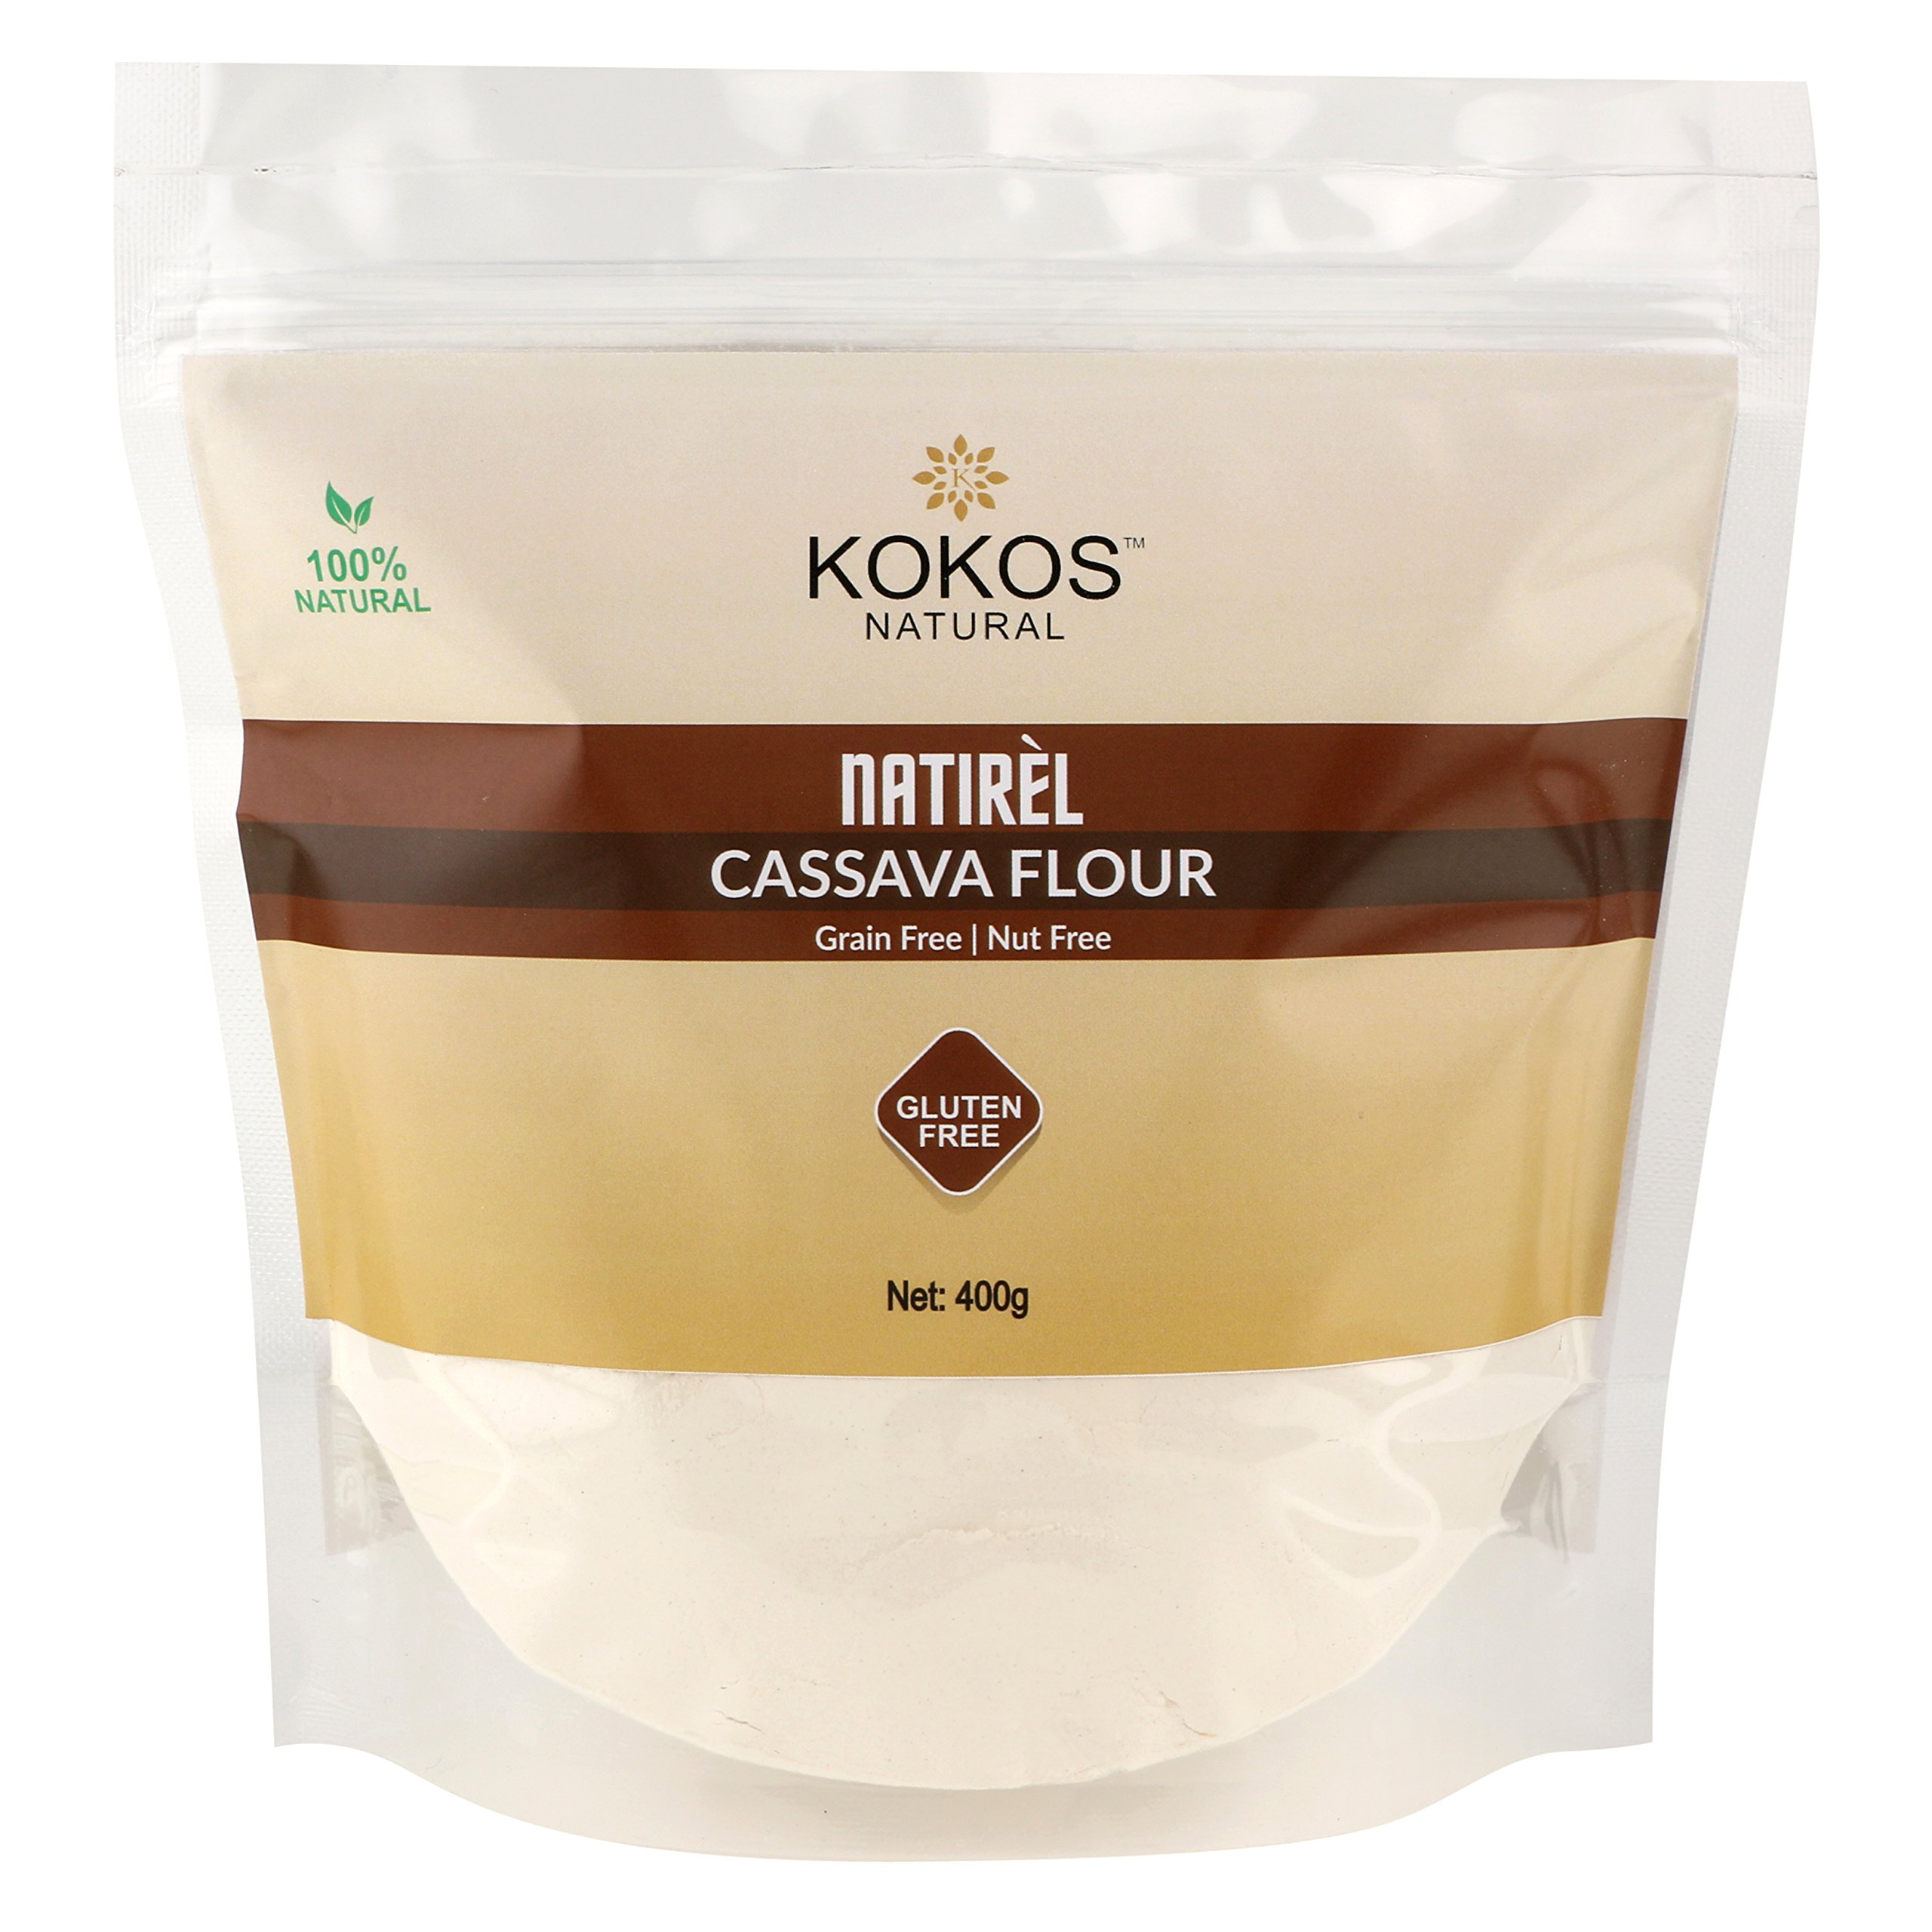 Kokos Natural Cassava Flour (Gluten-Free) 400G